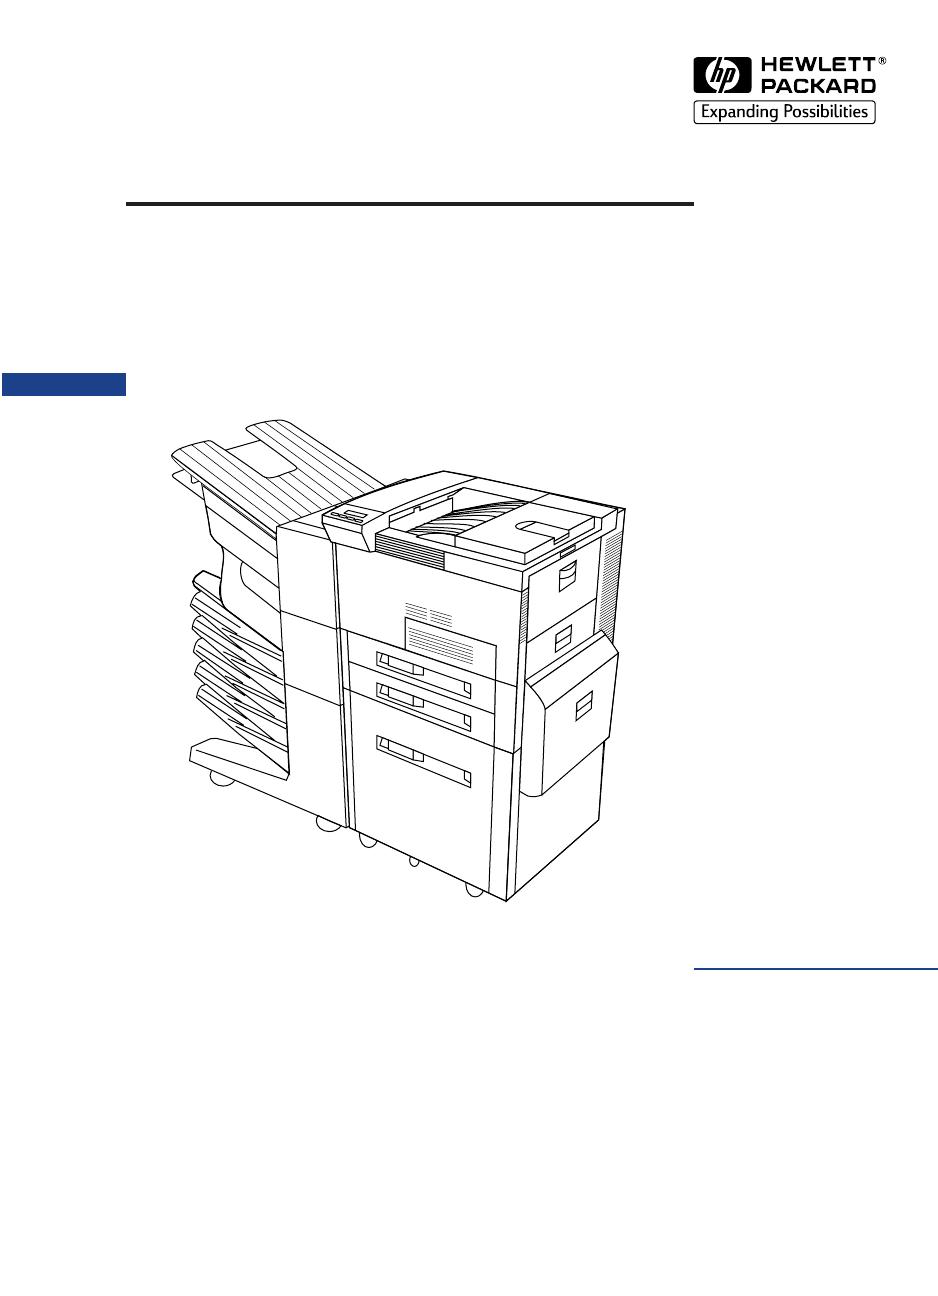 hp laserjet 8100 8100n 8100dn and paper handling devices service manual rh dectrader com HP LaserJet 8100 Printer Driver Windows 7 HP LaserJet 8100 DN